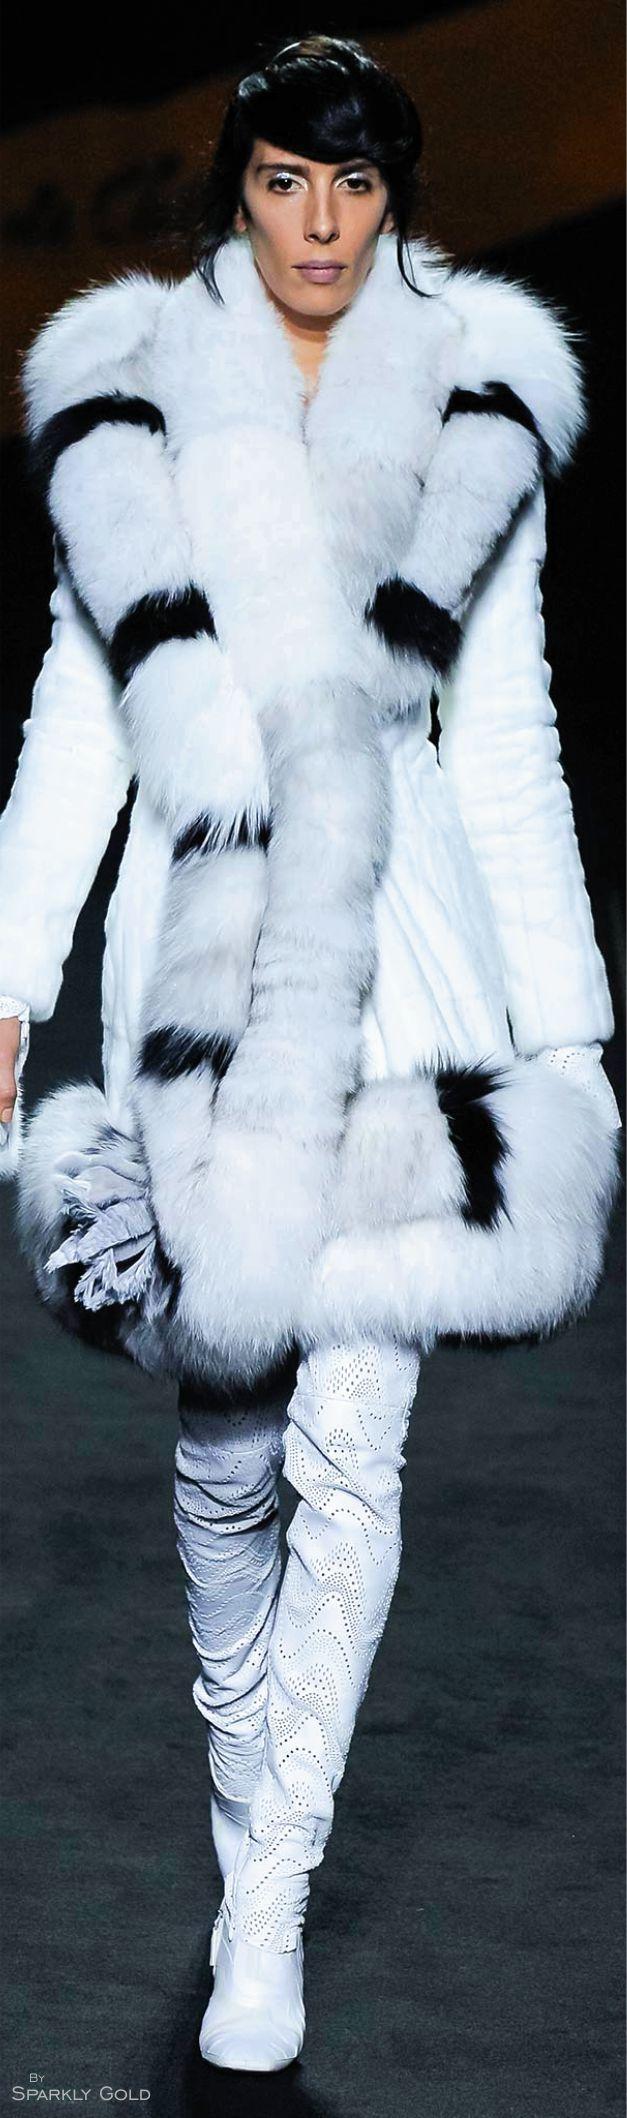 Best 25+ White fur coat ideas on Pinterest | White faux fur coat ...